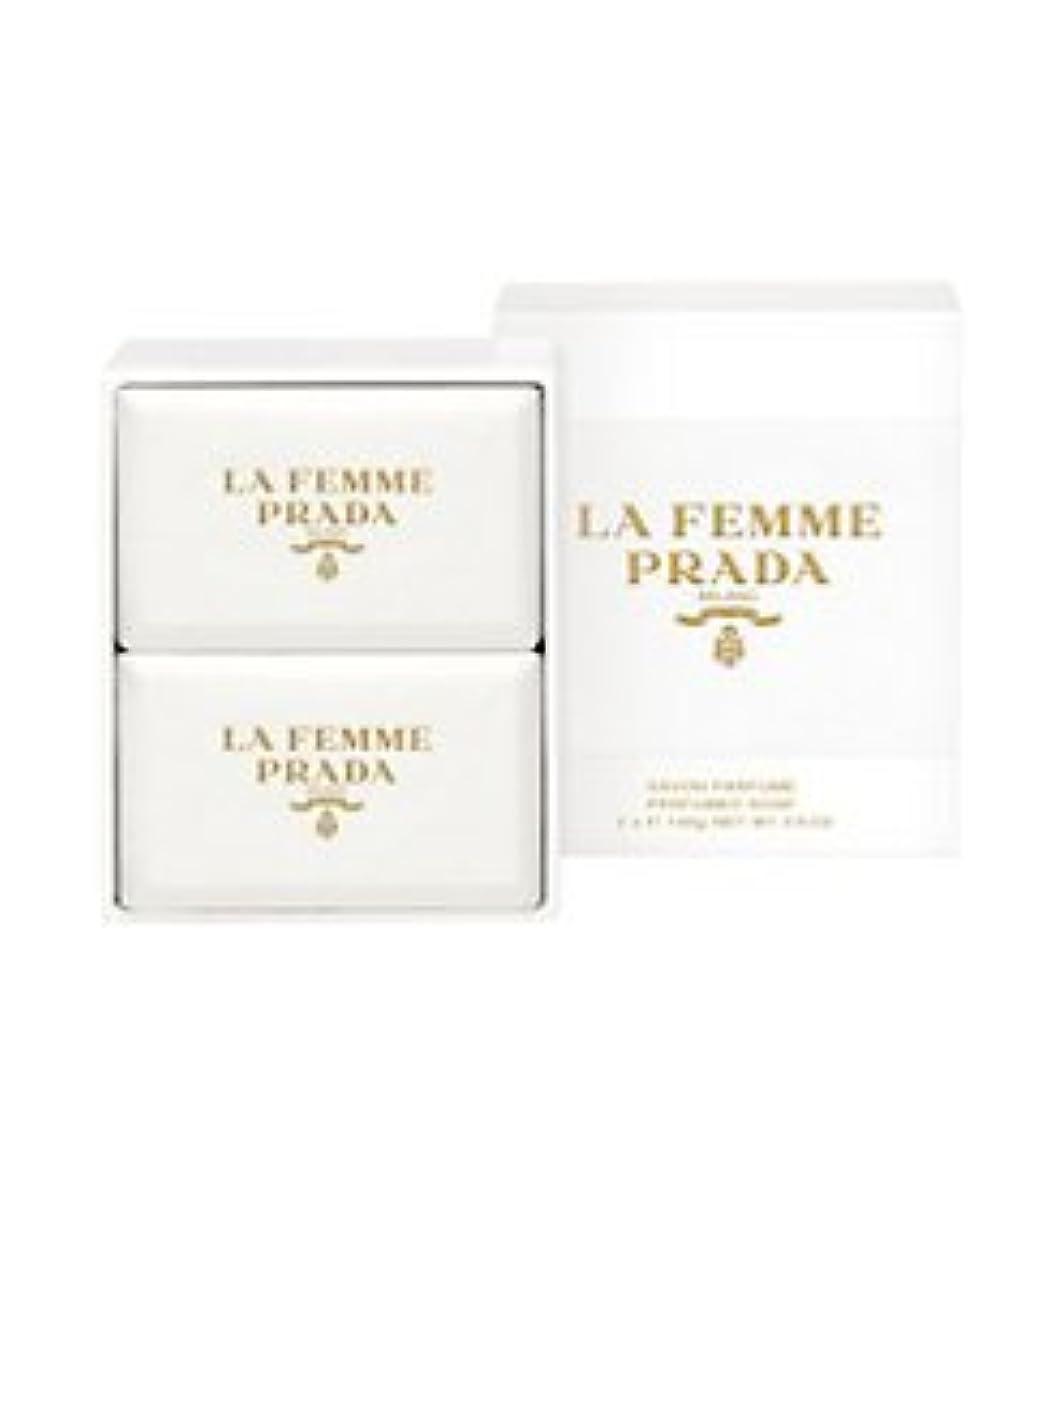 長老オフ交流するLa Femme Prada (ラ フェム プラダ) 1.75 oz (52ml) Soap (石鹸) x 2個 for Women